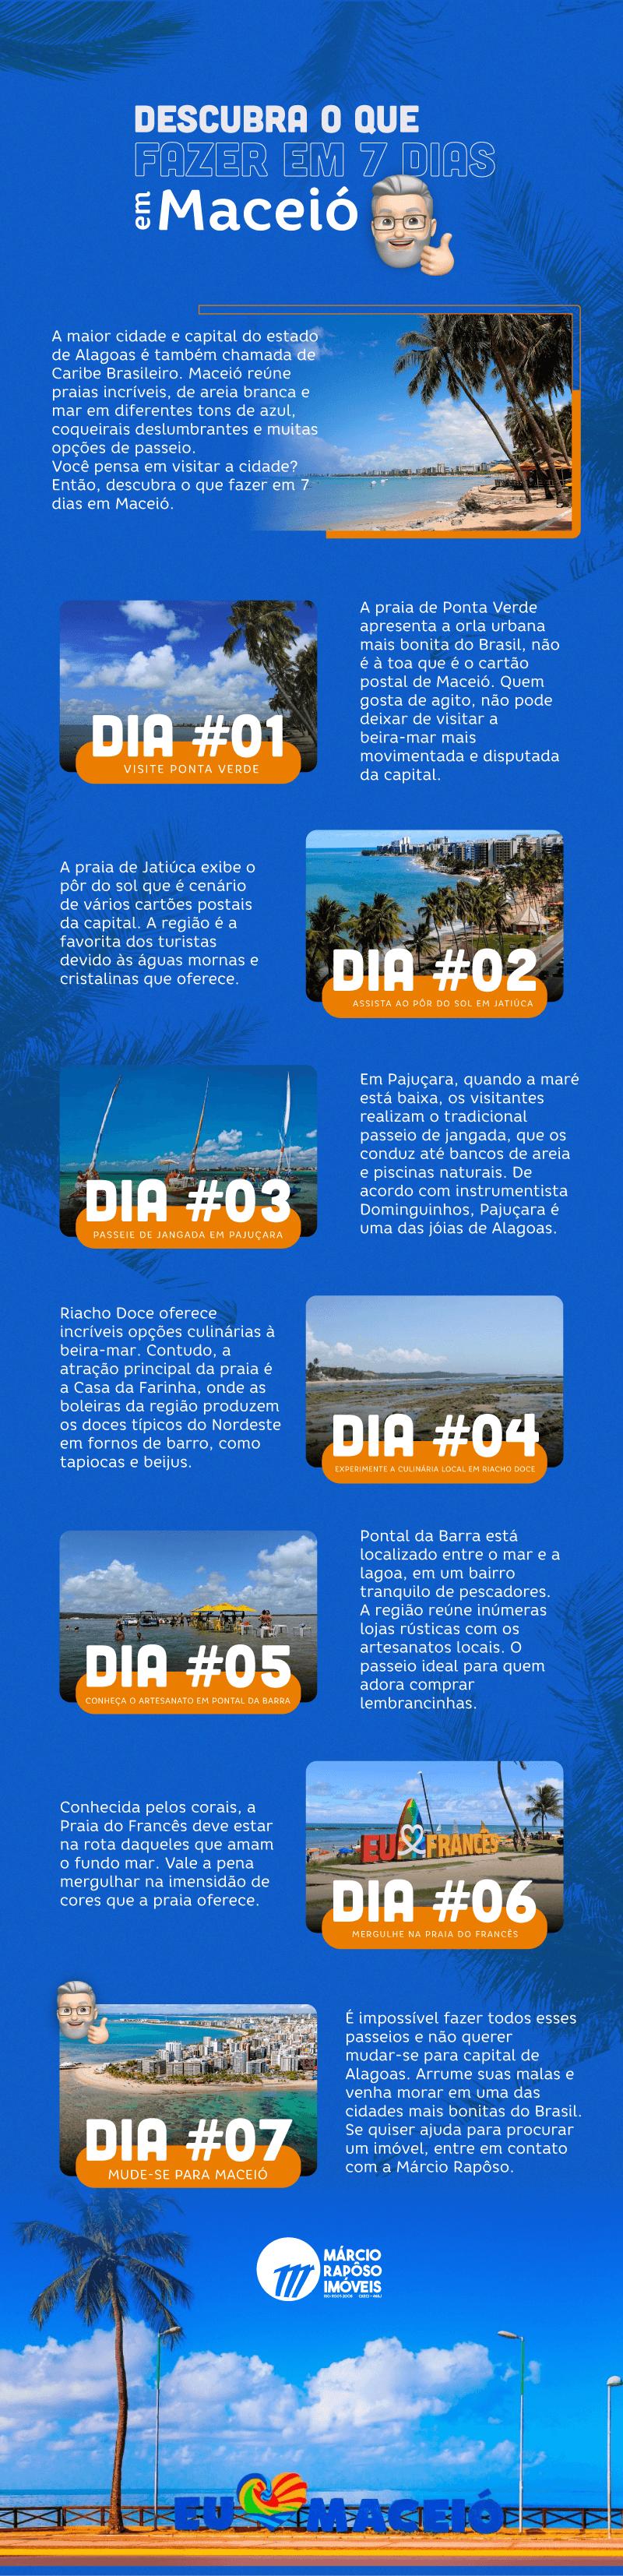 A capital de Alagoas é um dos destinos favoritos dos turistas. Deseja conhecer? Clique aqui e confira o que fazer em 7 dias em Maceió.